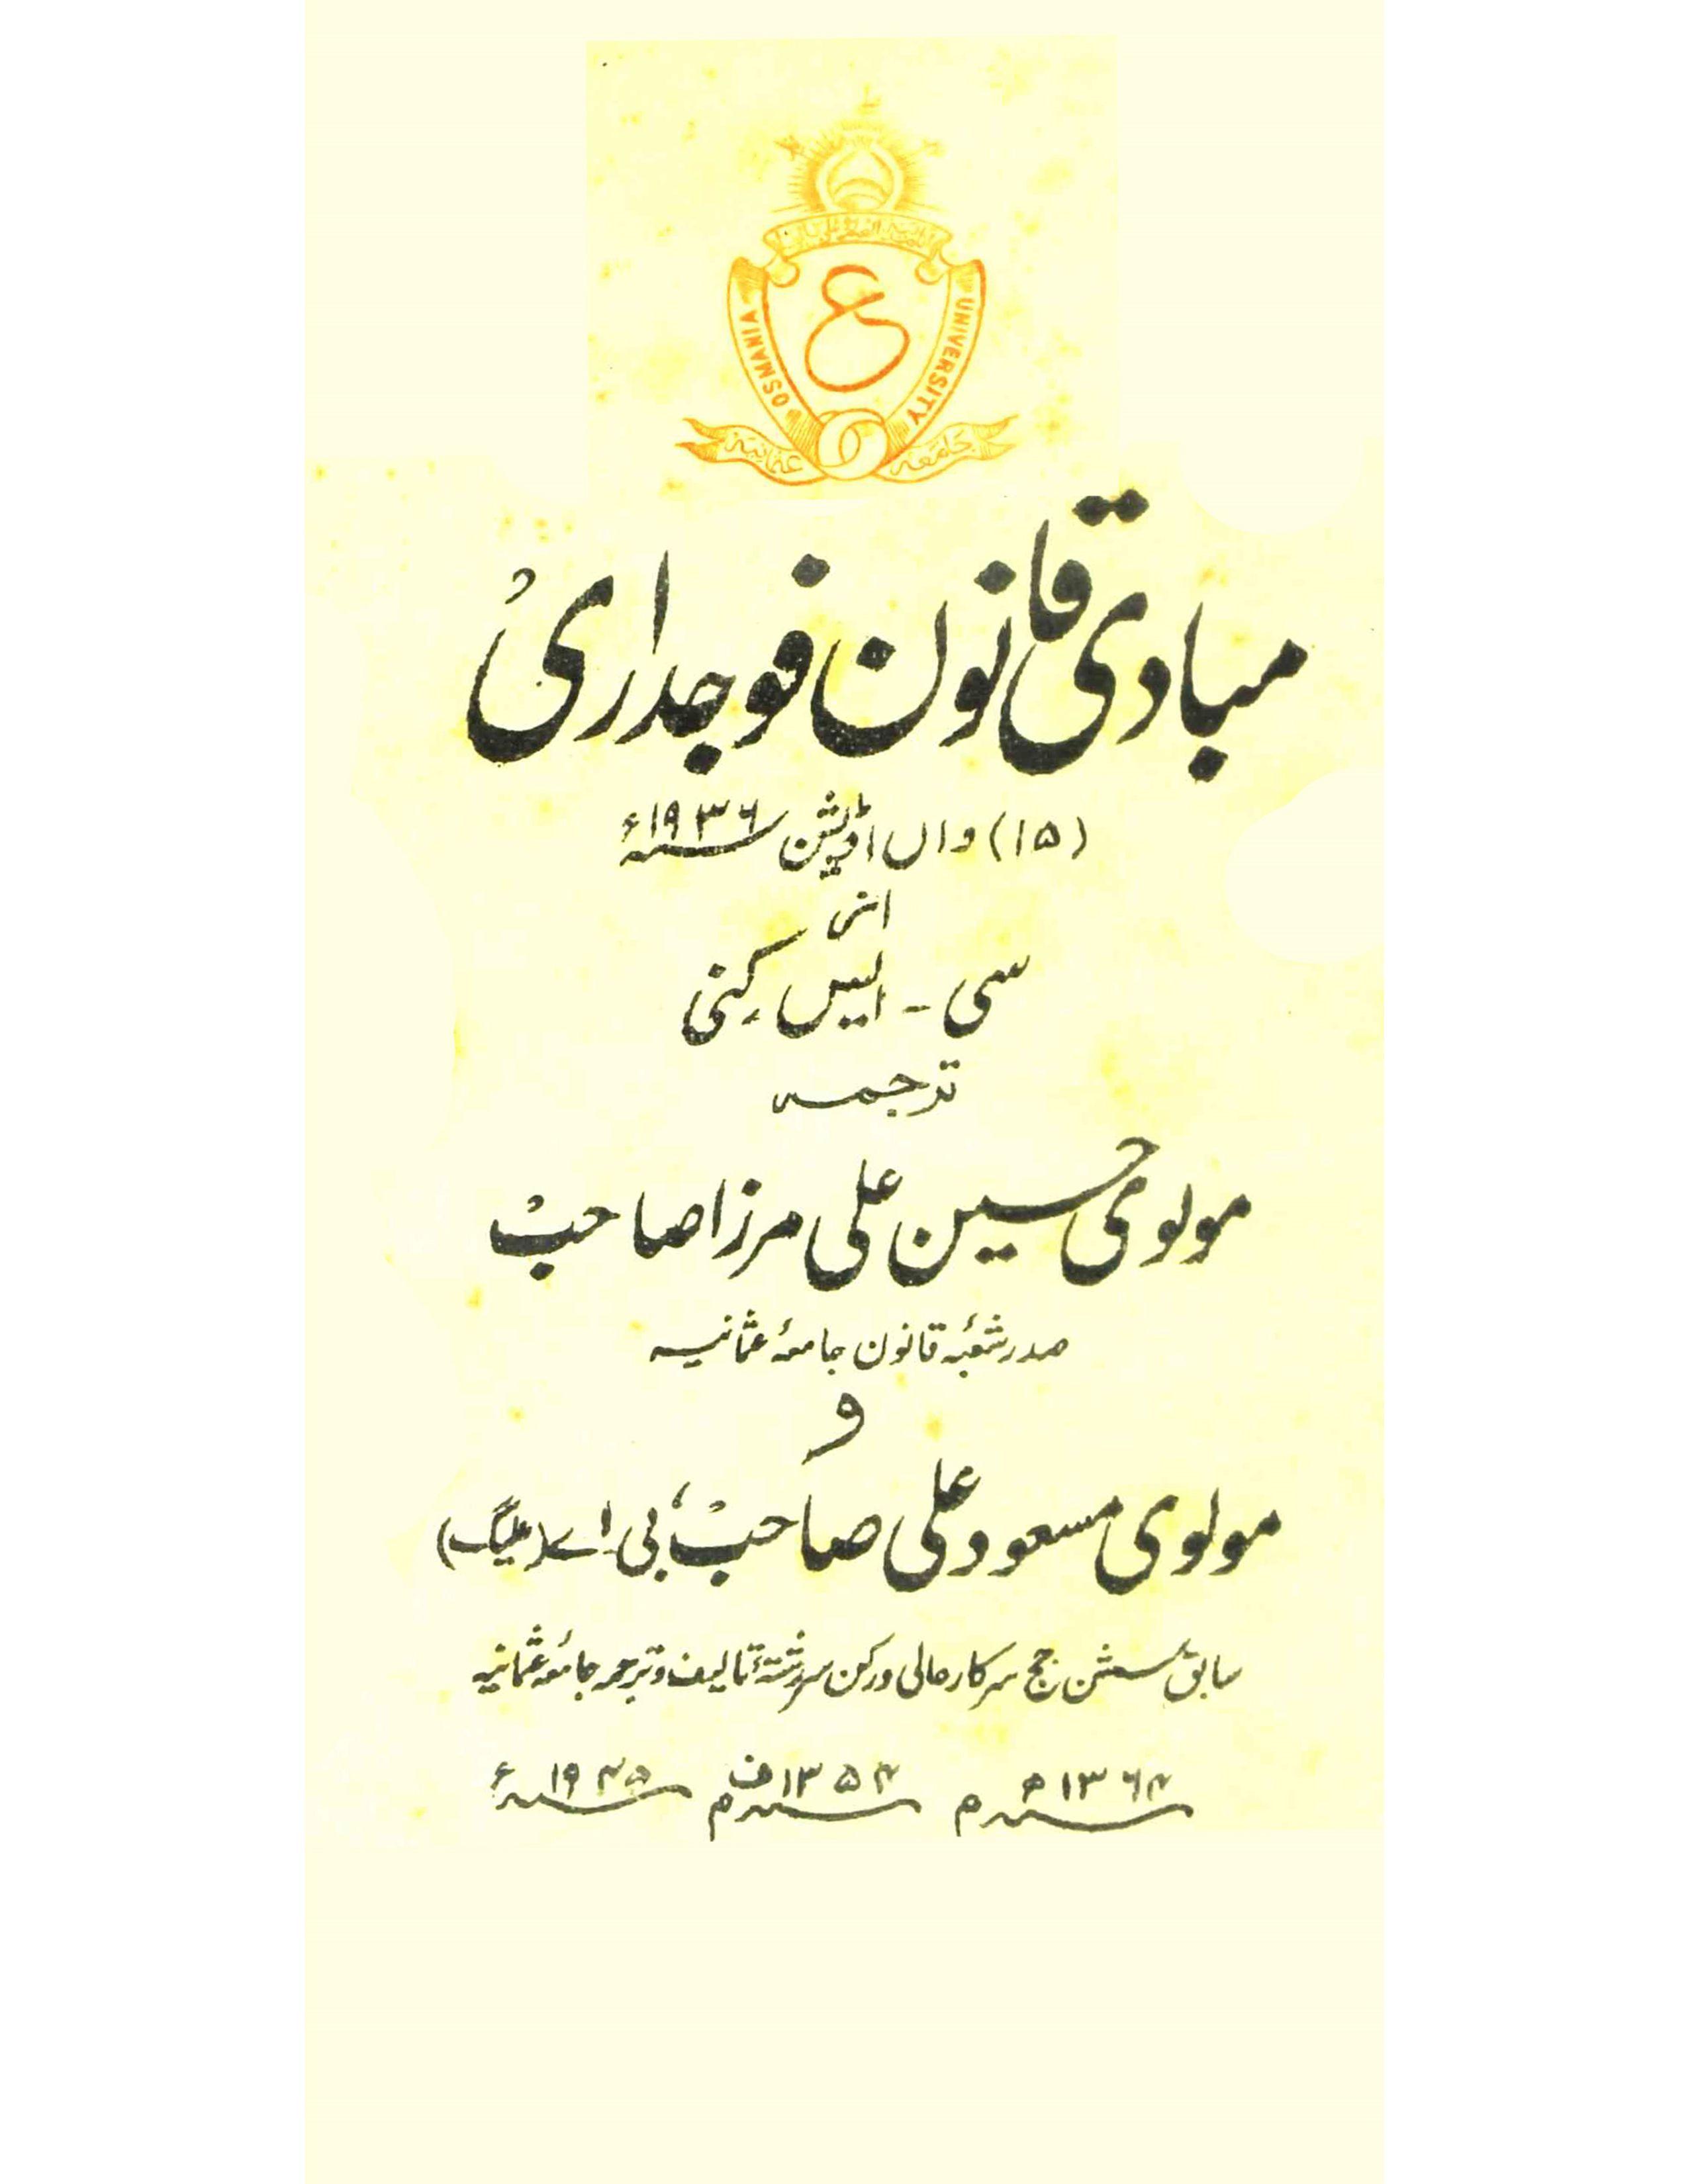 Mubadi-e-Qanoon-e-Faujdari